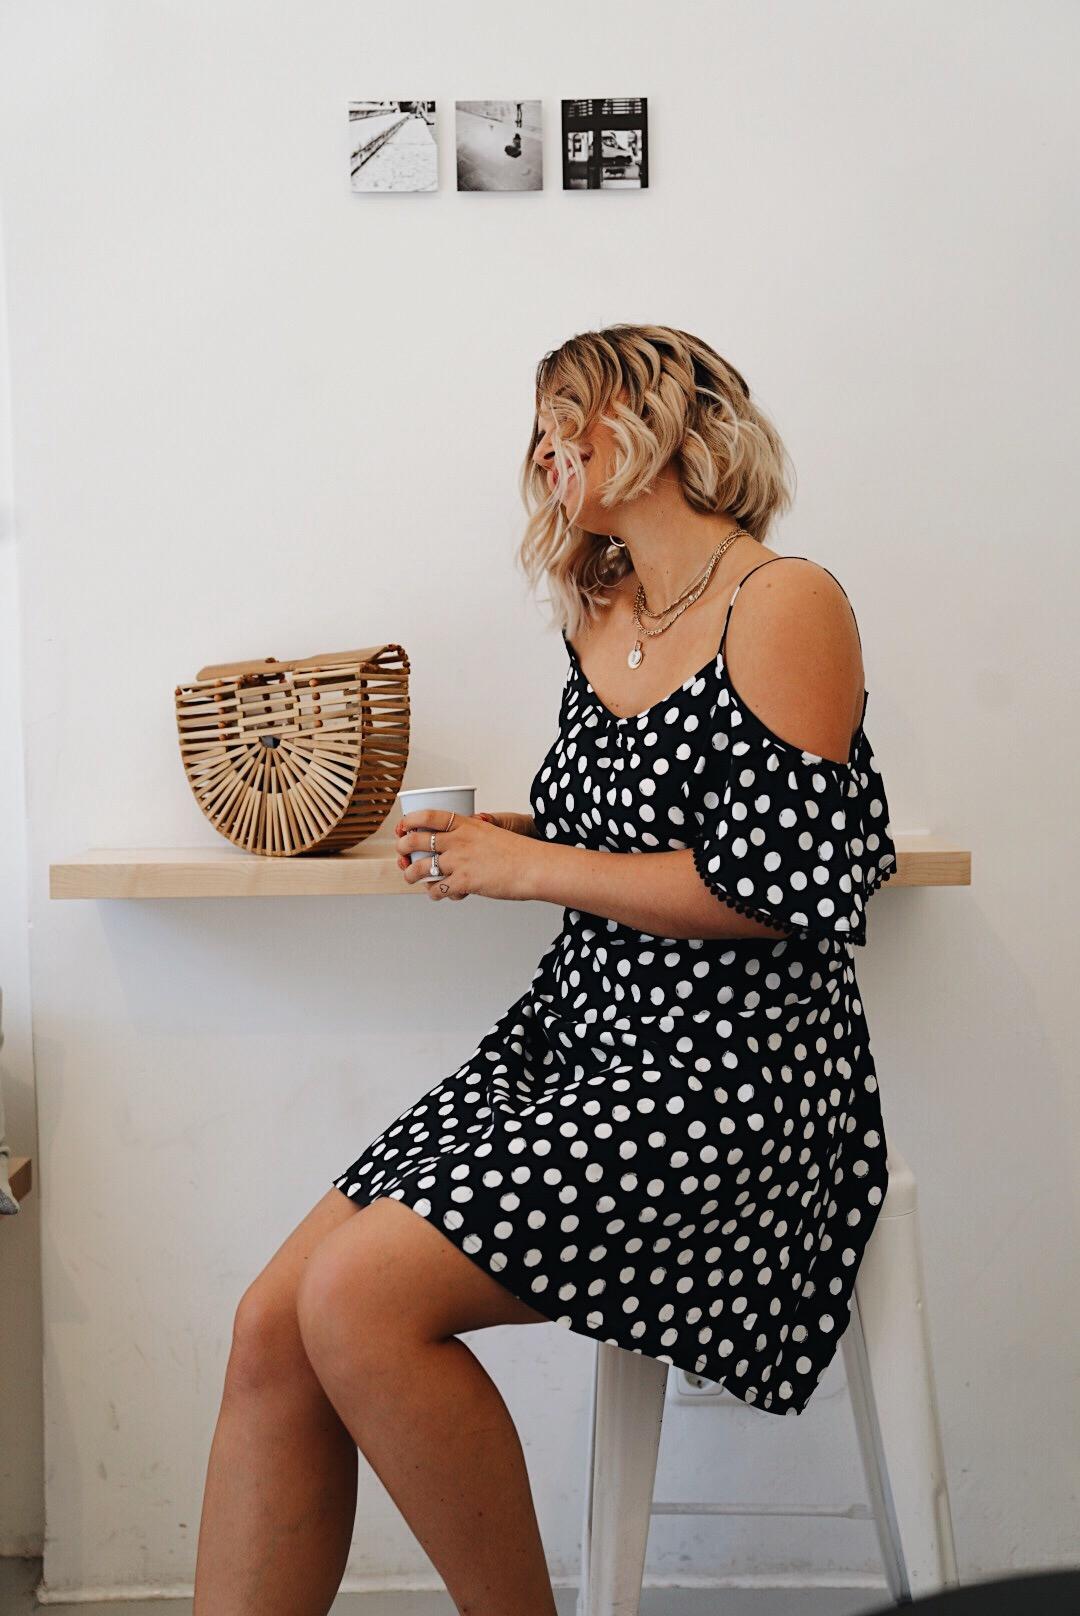 fashion: sommertrend polka dots kleid in schwarz weiß